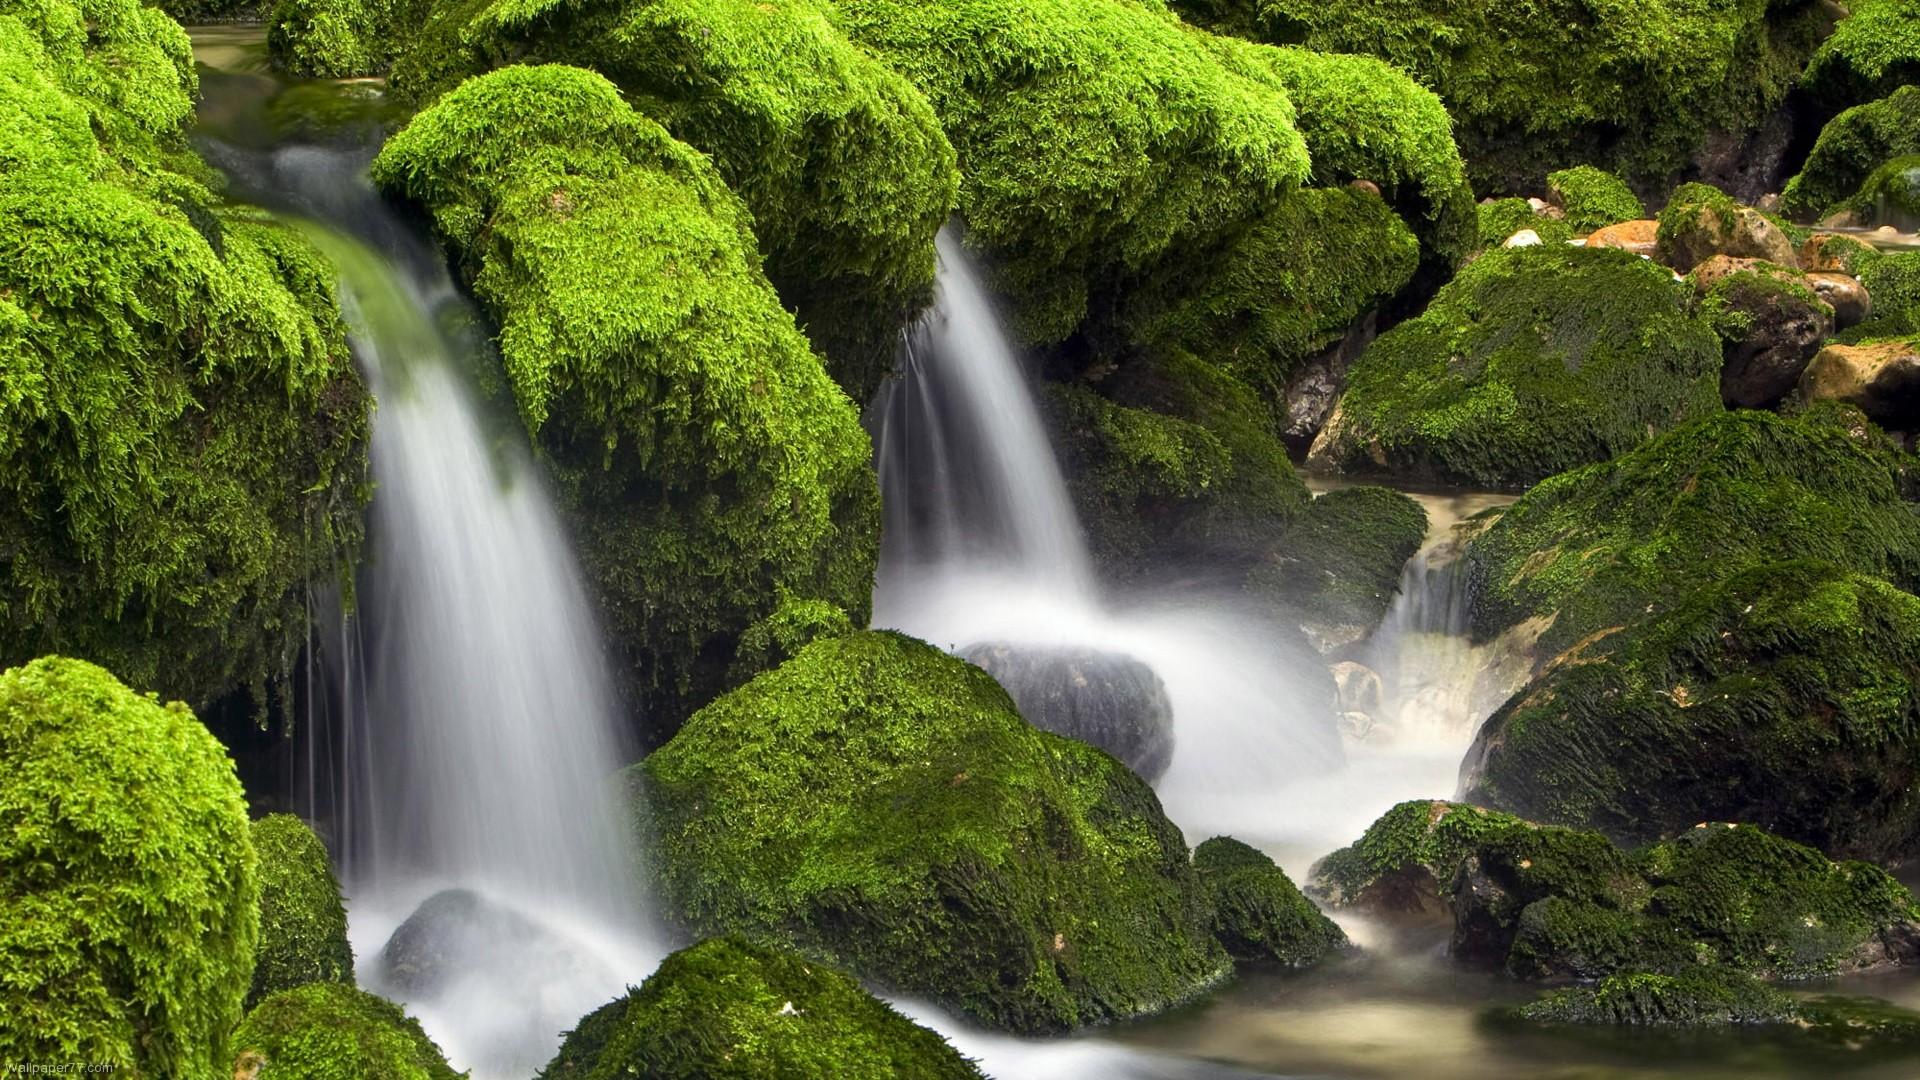 waterfalls green waterfall wallpaper forest cascade 1920x1080 1920x1080